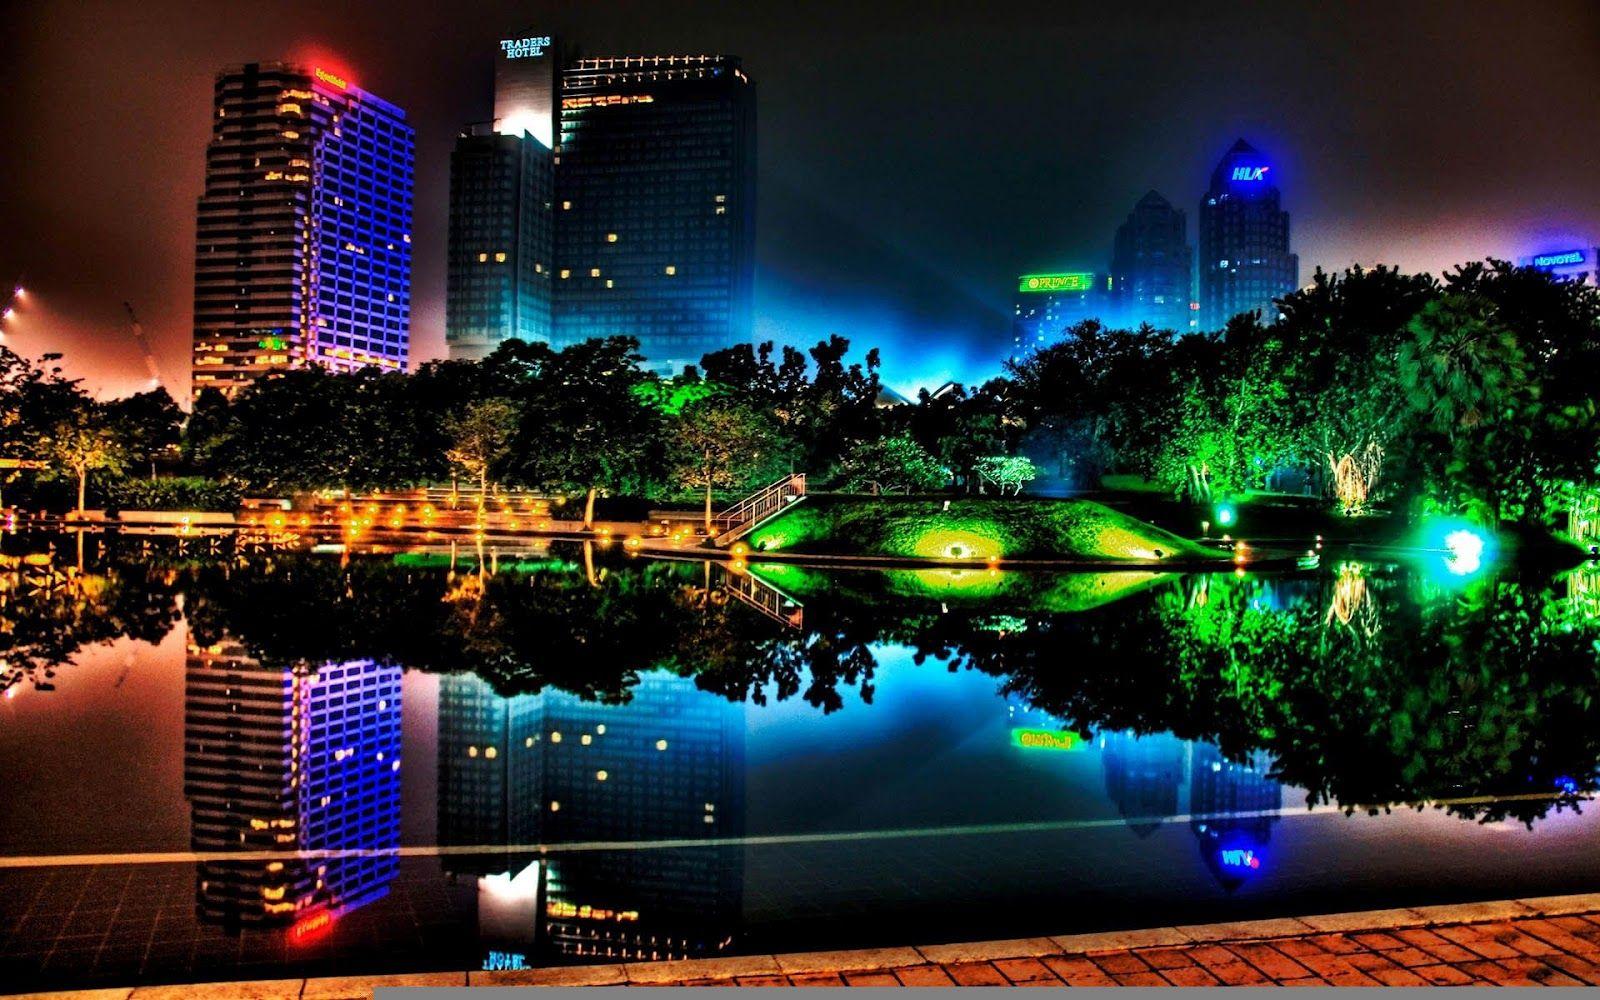 Light City Desktop Backgrounds HD Wallpaper 3D Abstract Wallpapers 1600x1000